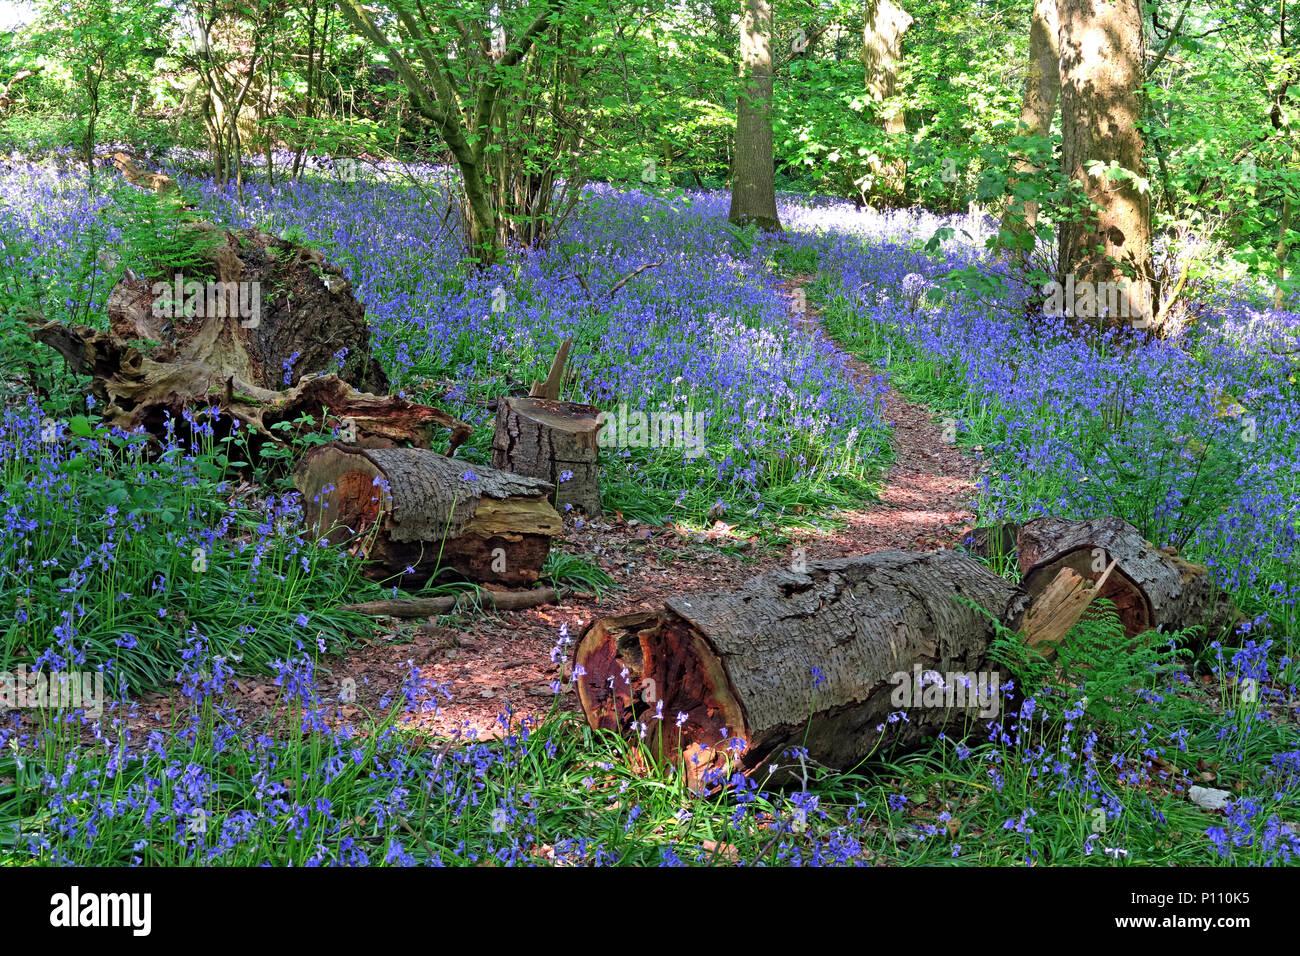 Laden Sie dieses Alamy Stockfoto Englisch Bluebell Holz im Frühjahr, Cheshire, England, Großbritannien - P110K5